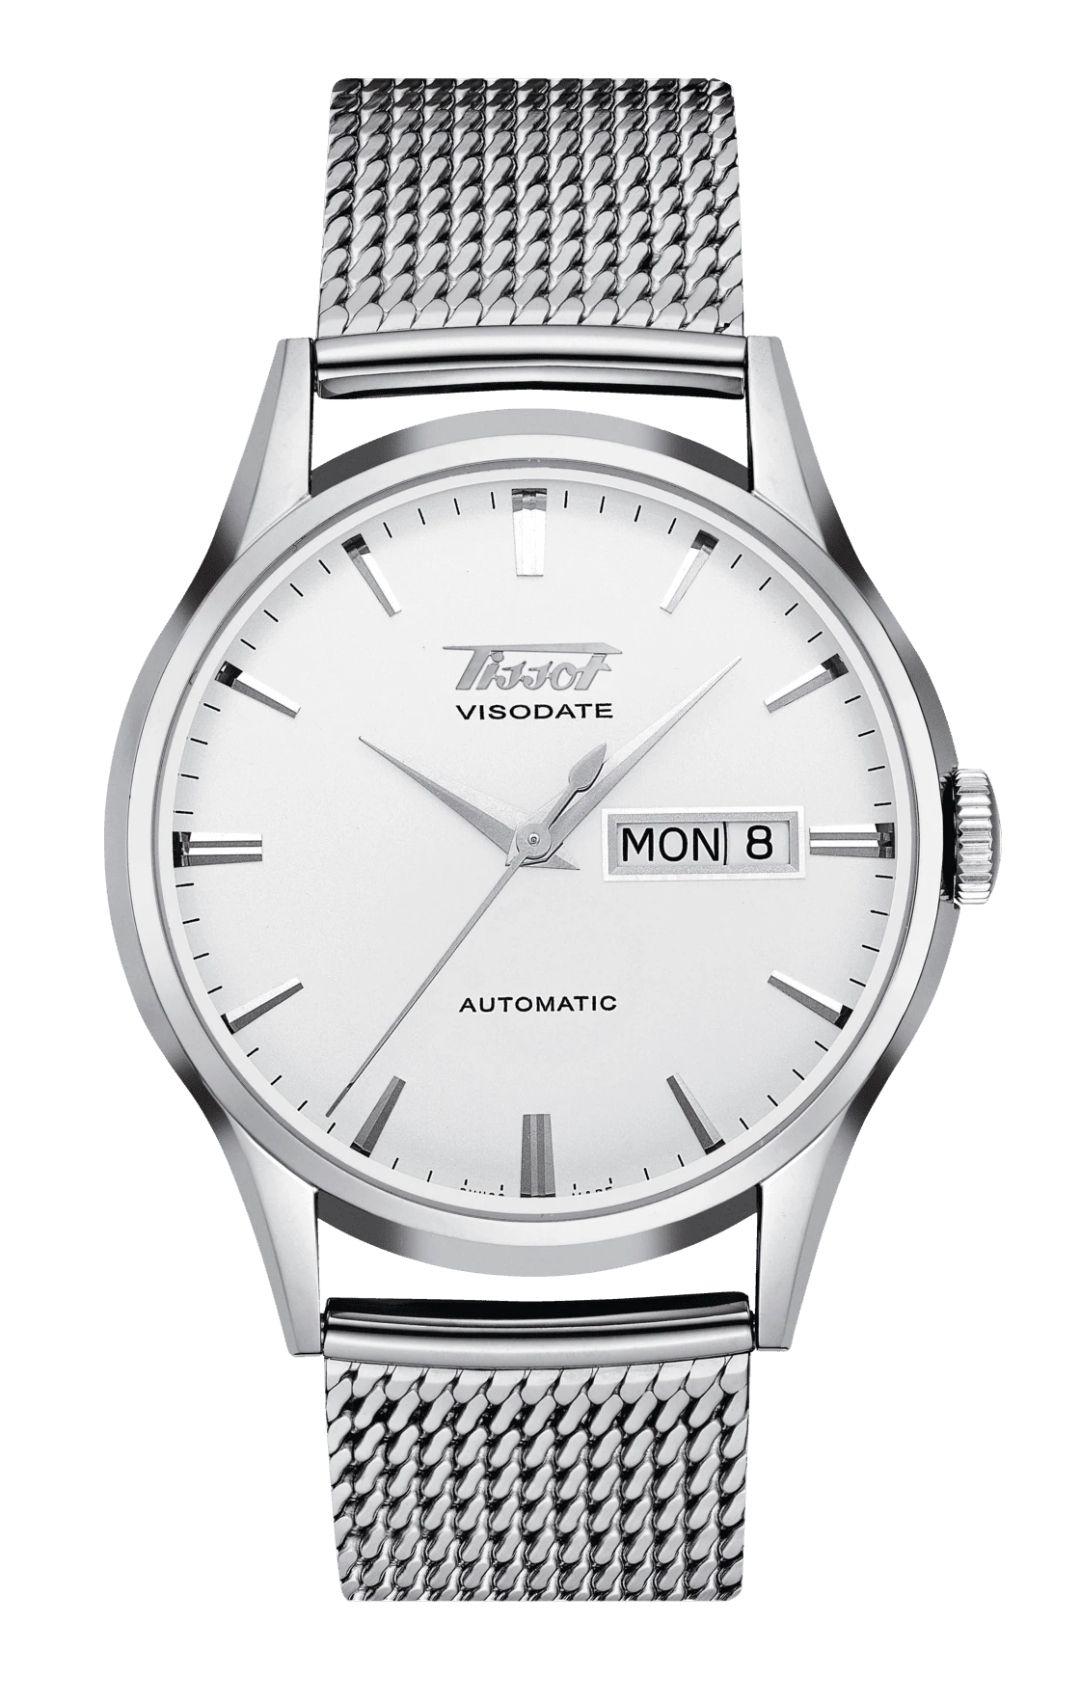 Montre automatique Tissot Heritage Visodate T019.430.11.031.00 - Verre Saphir, mouvement ETA 2836-2, 40 mm